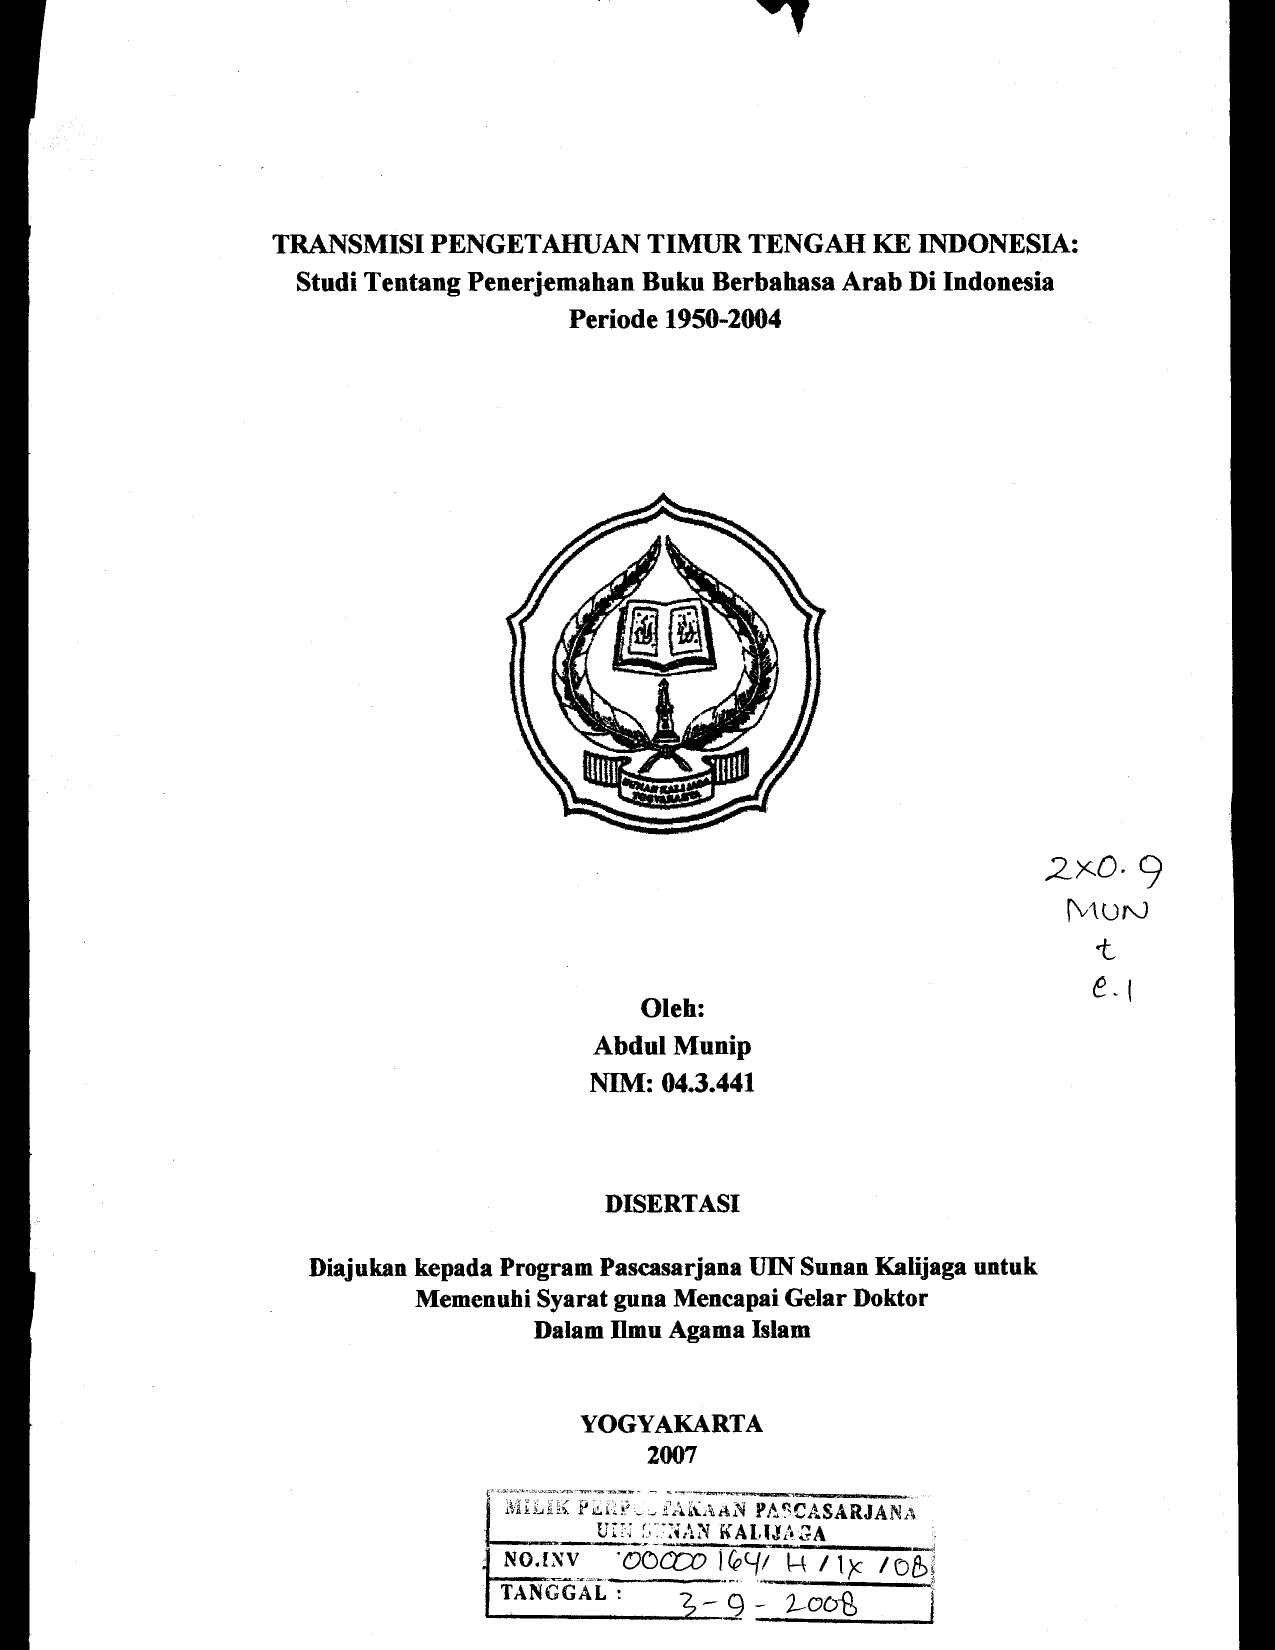 TRANSMISI PENGETAHUAN TIMUR TENGAH KE INDONESIA